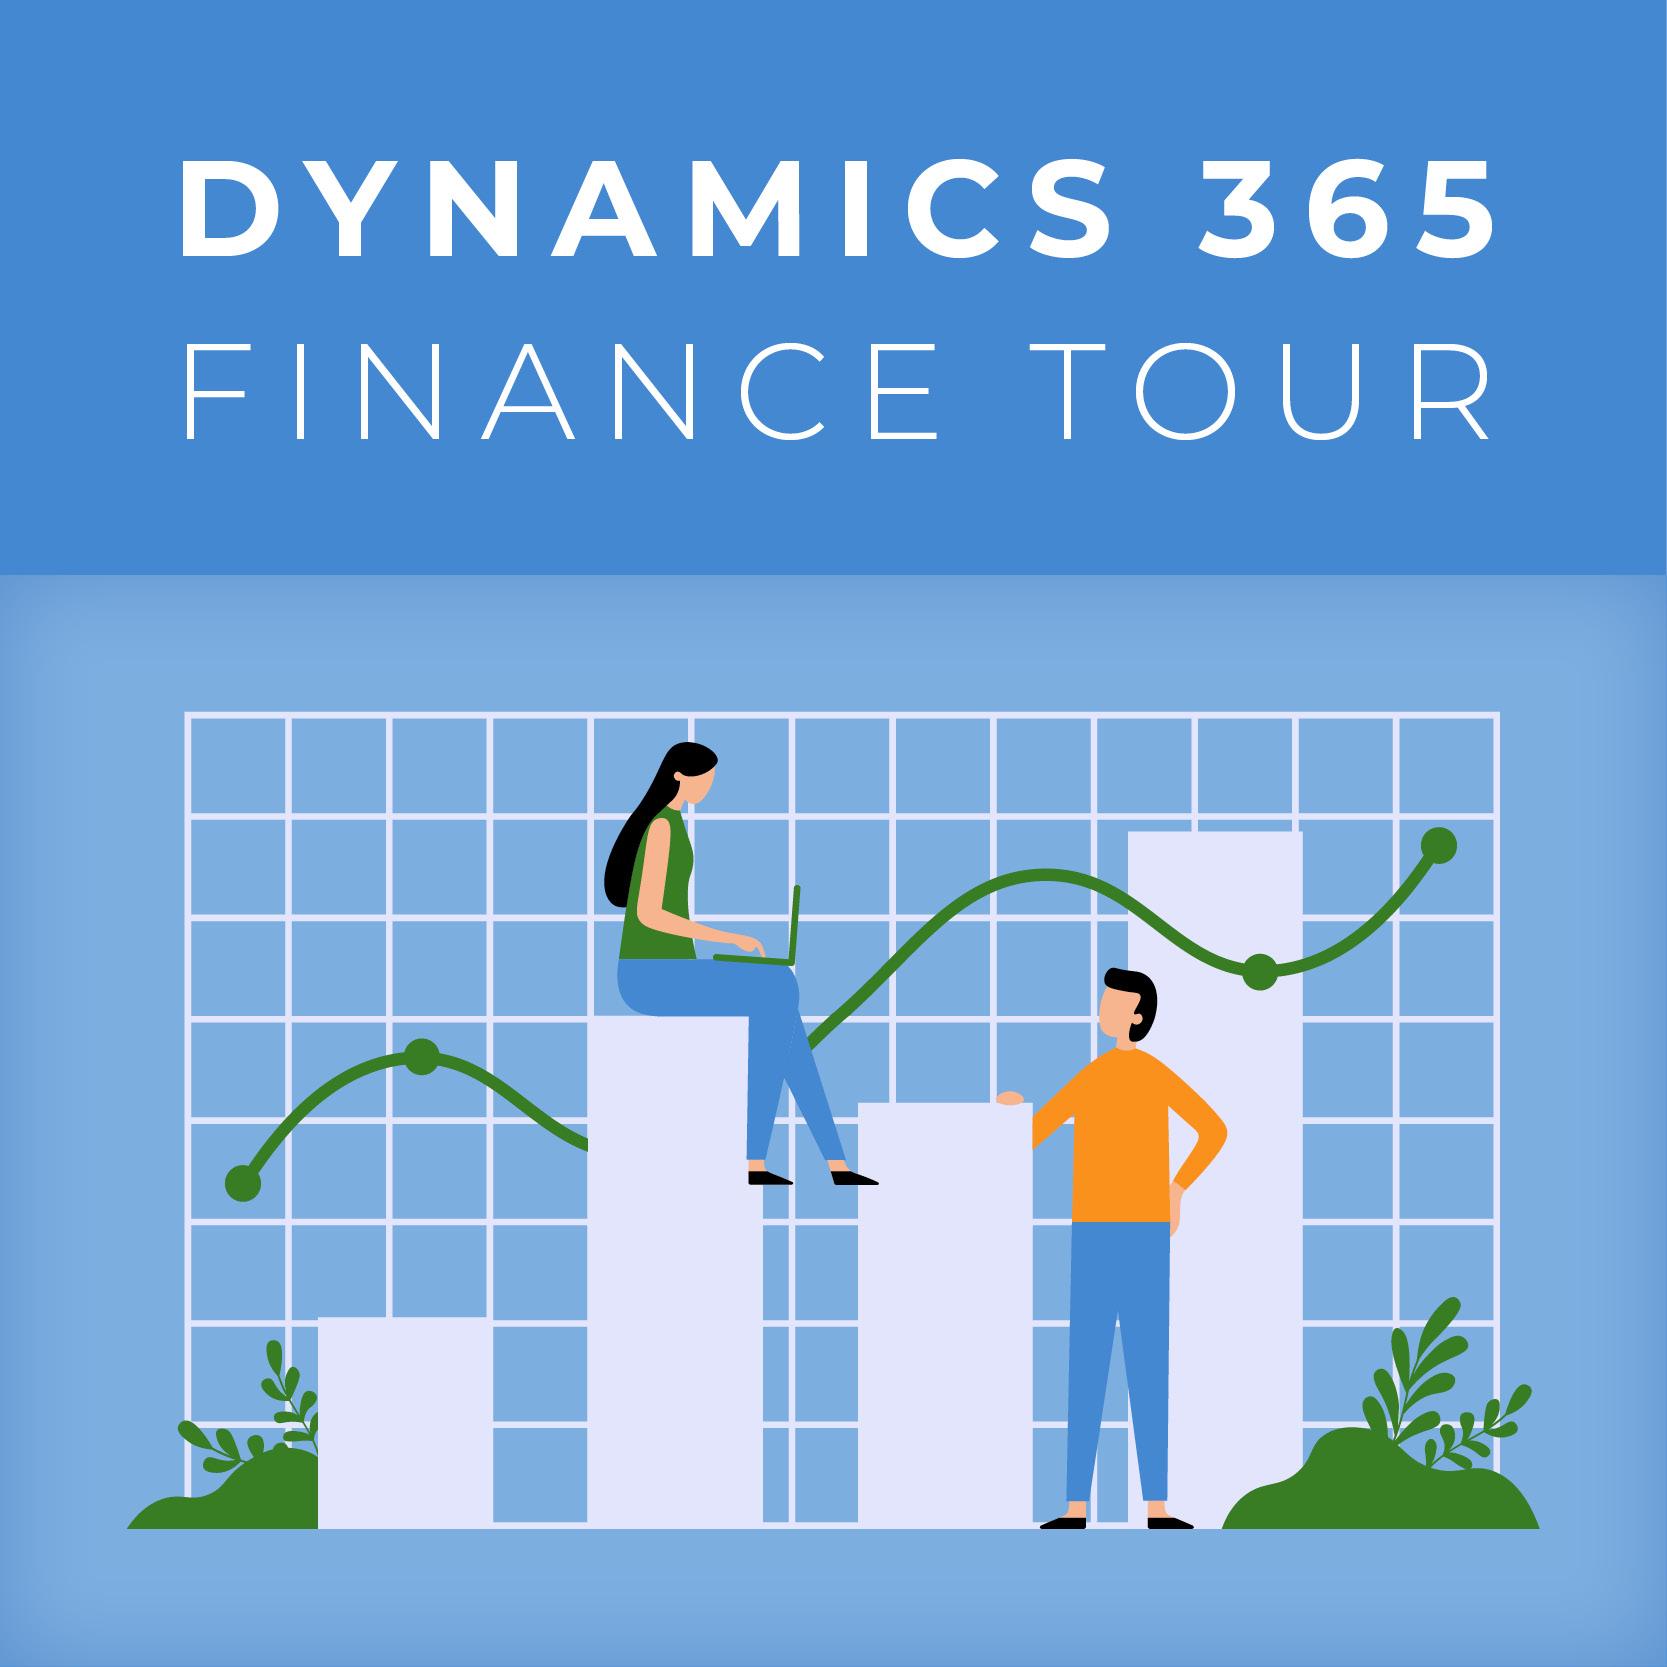 DynamicsTour_Banners_02